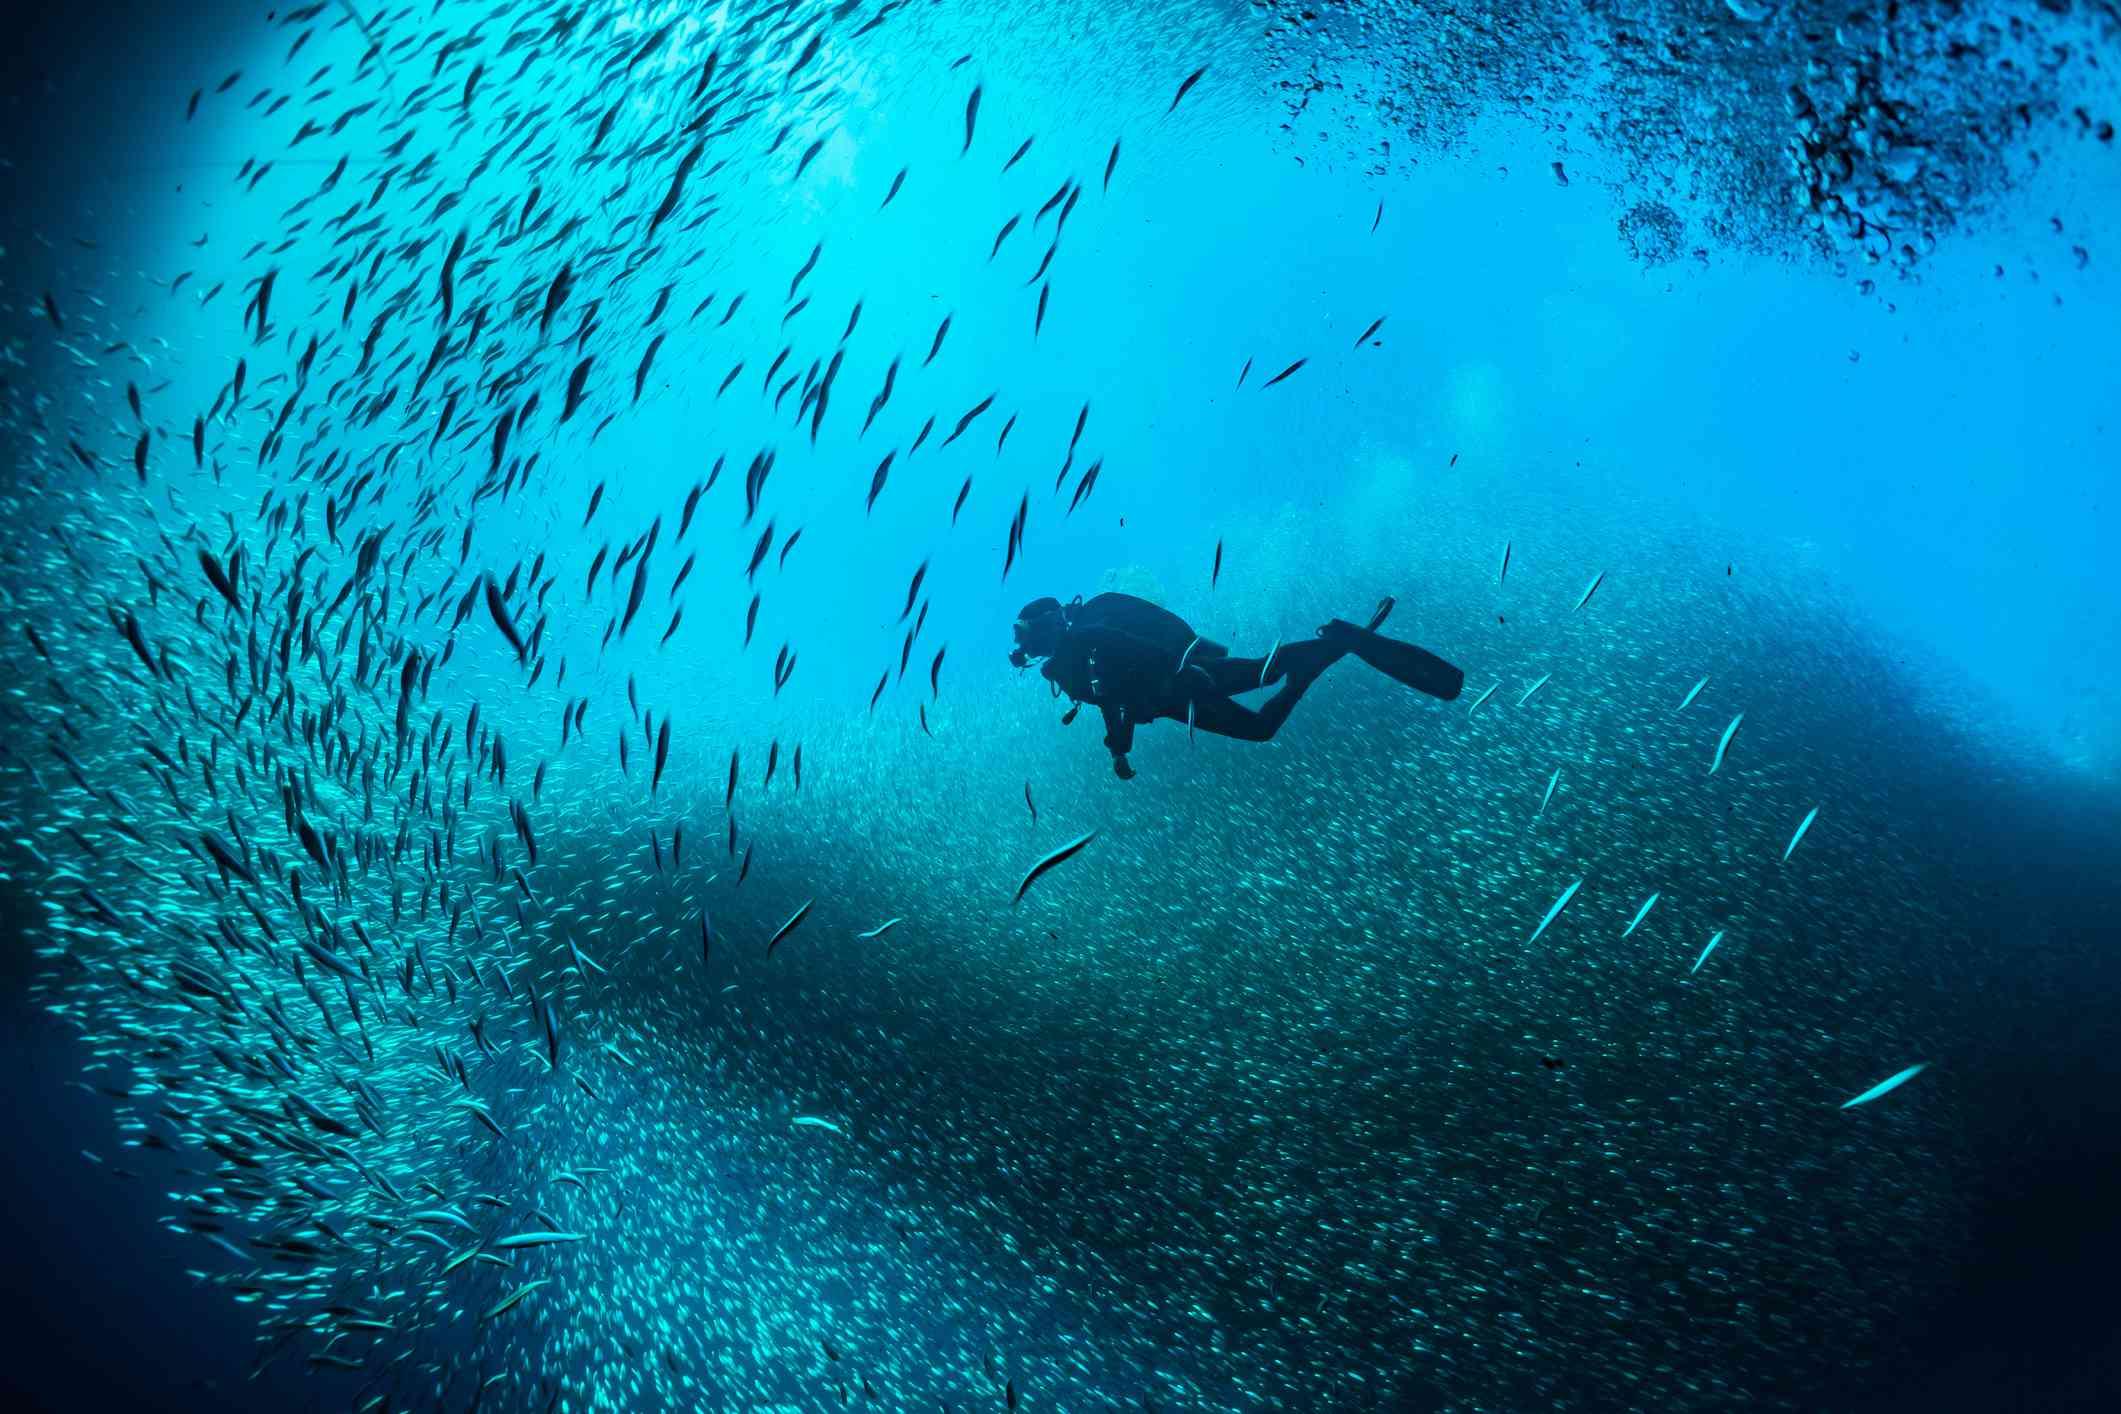 Scuba Diver Swimming In Between School Of Fish Undersea